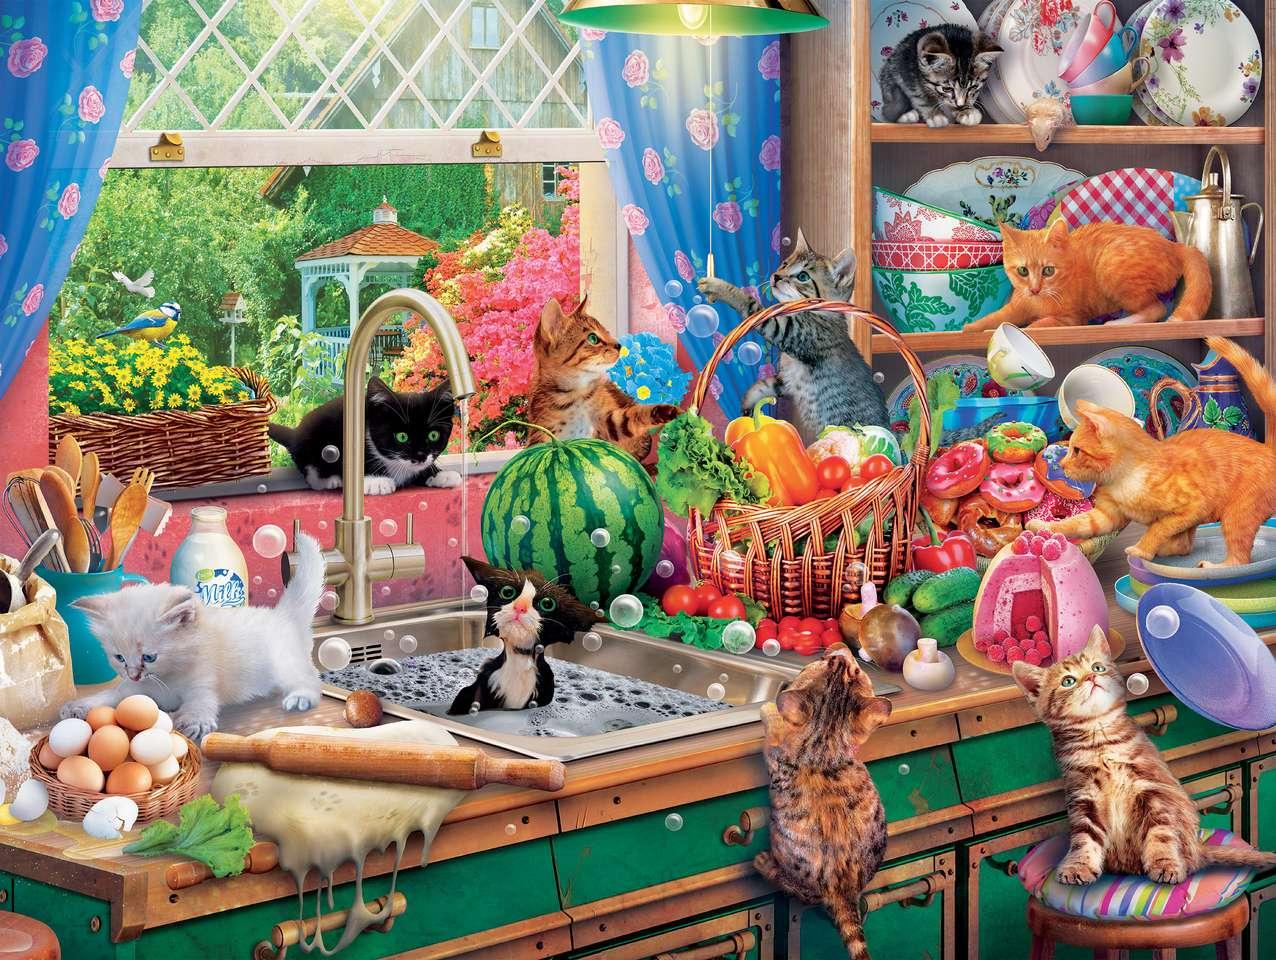 Katten in de keuken - Katten in de keuken, boodschappen, afwas (11×9)